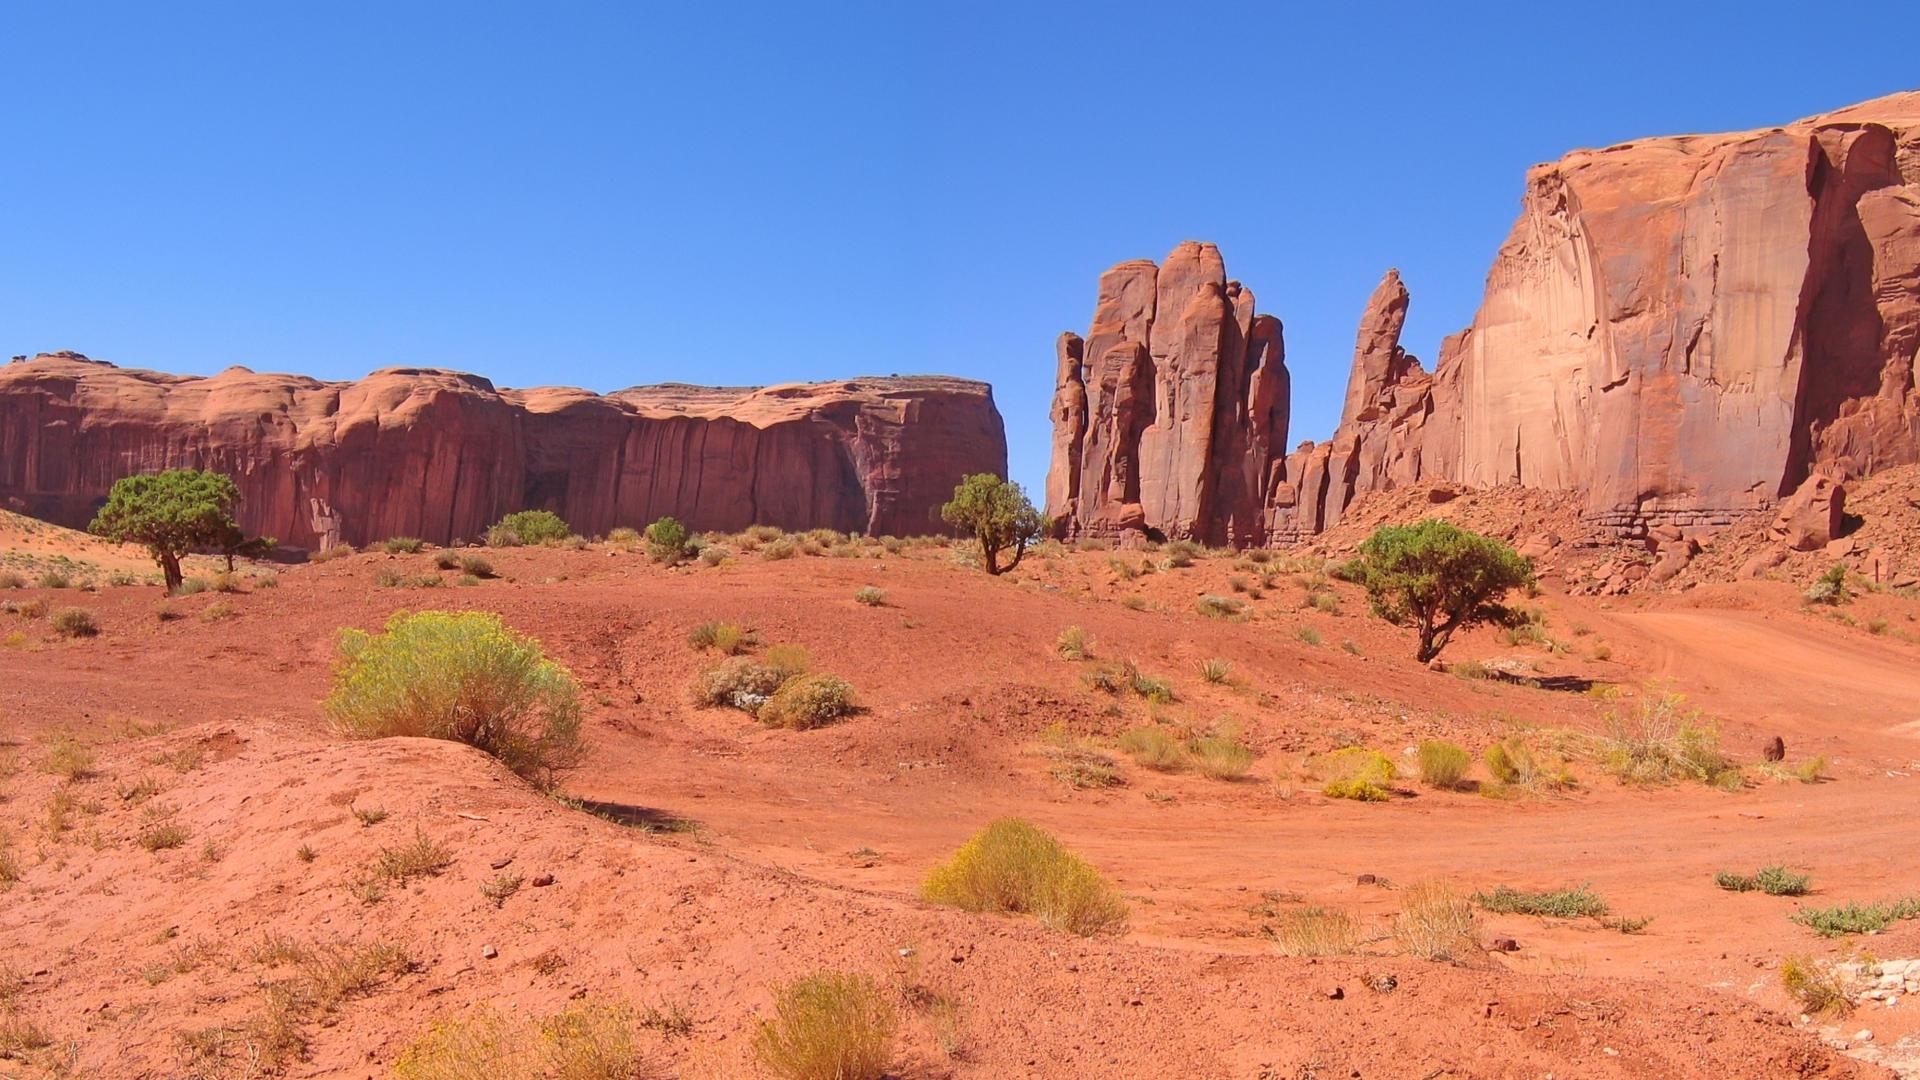 desert landscape wallpaper - photo #40